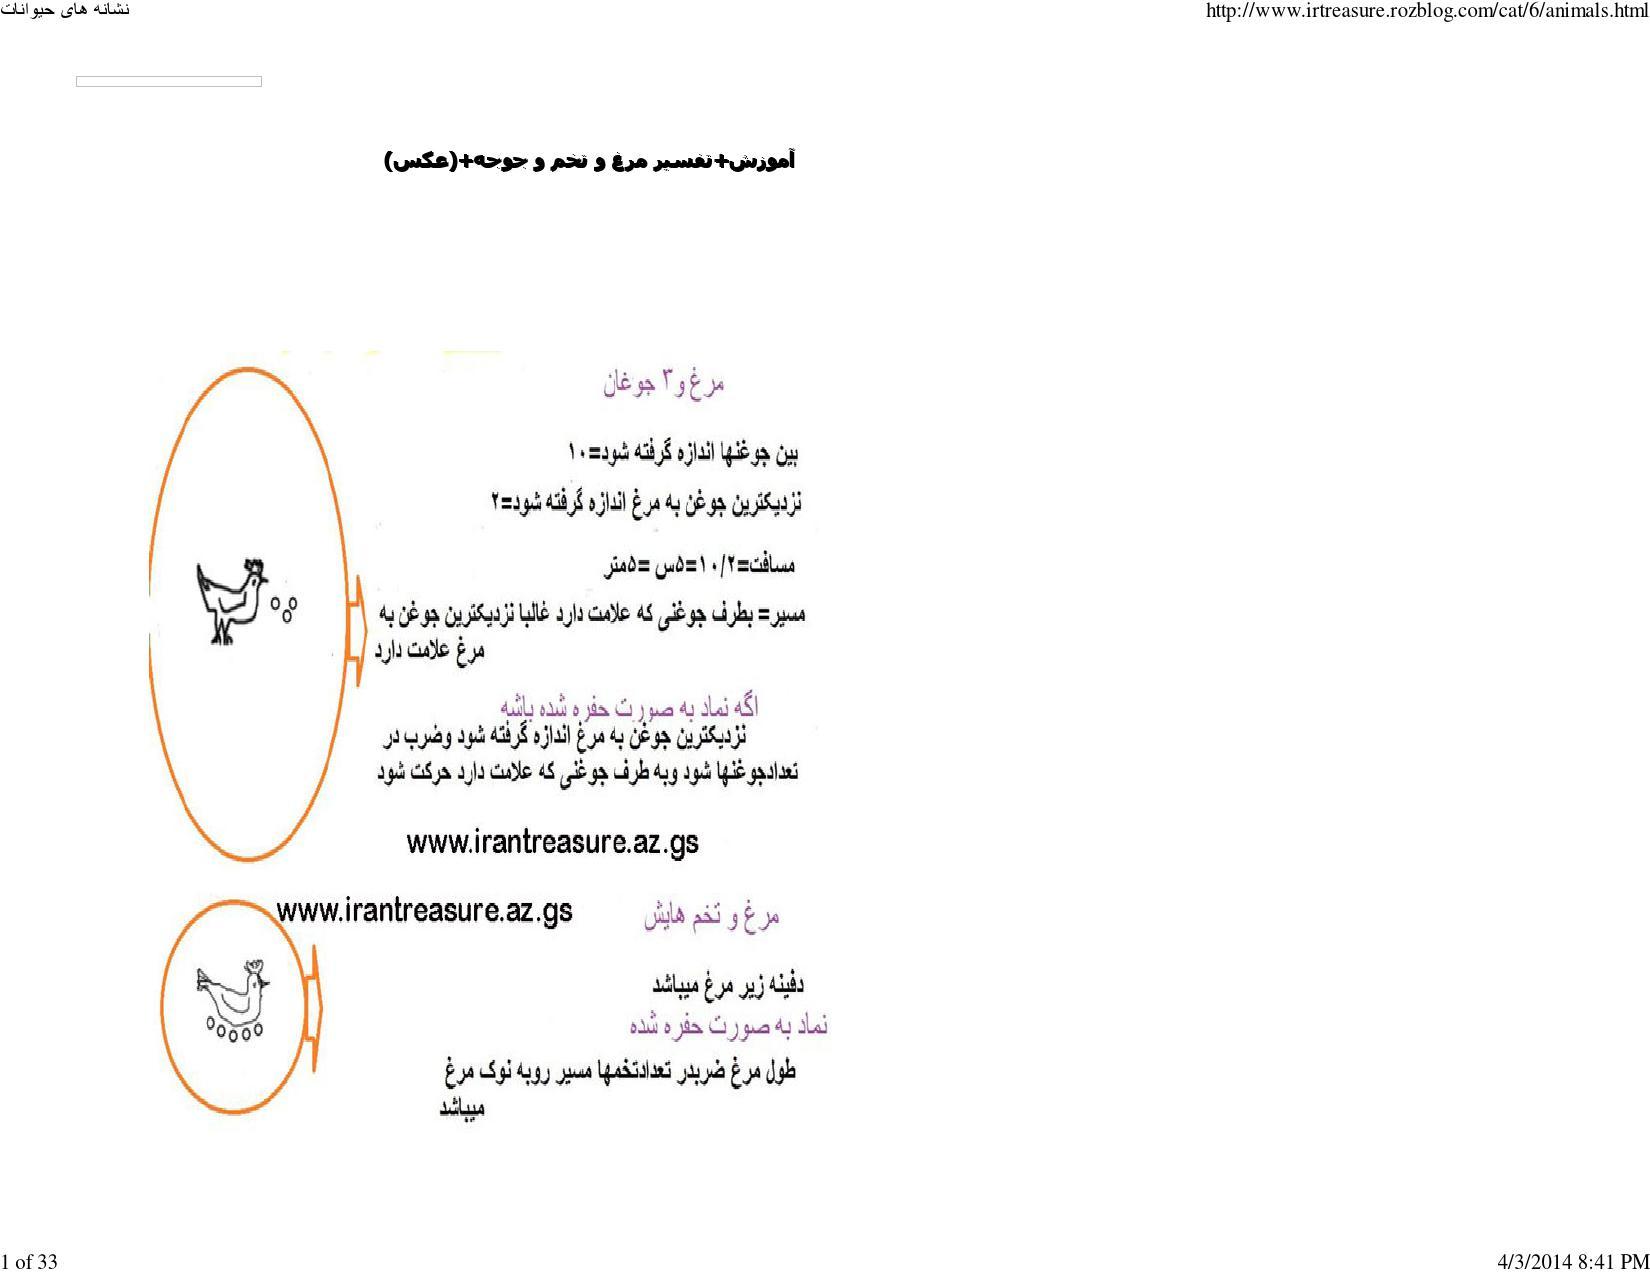 نشانه هاي حيوانات در گنج یابی